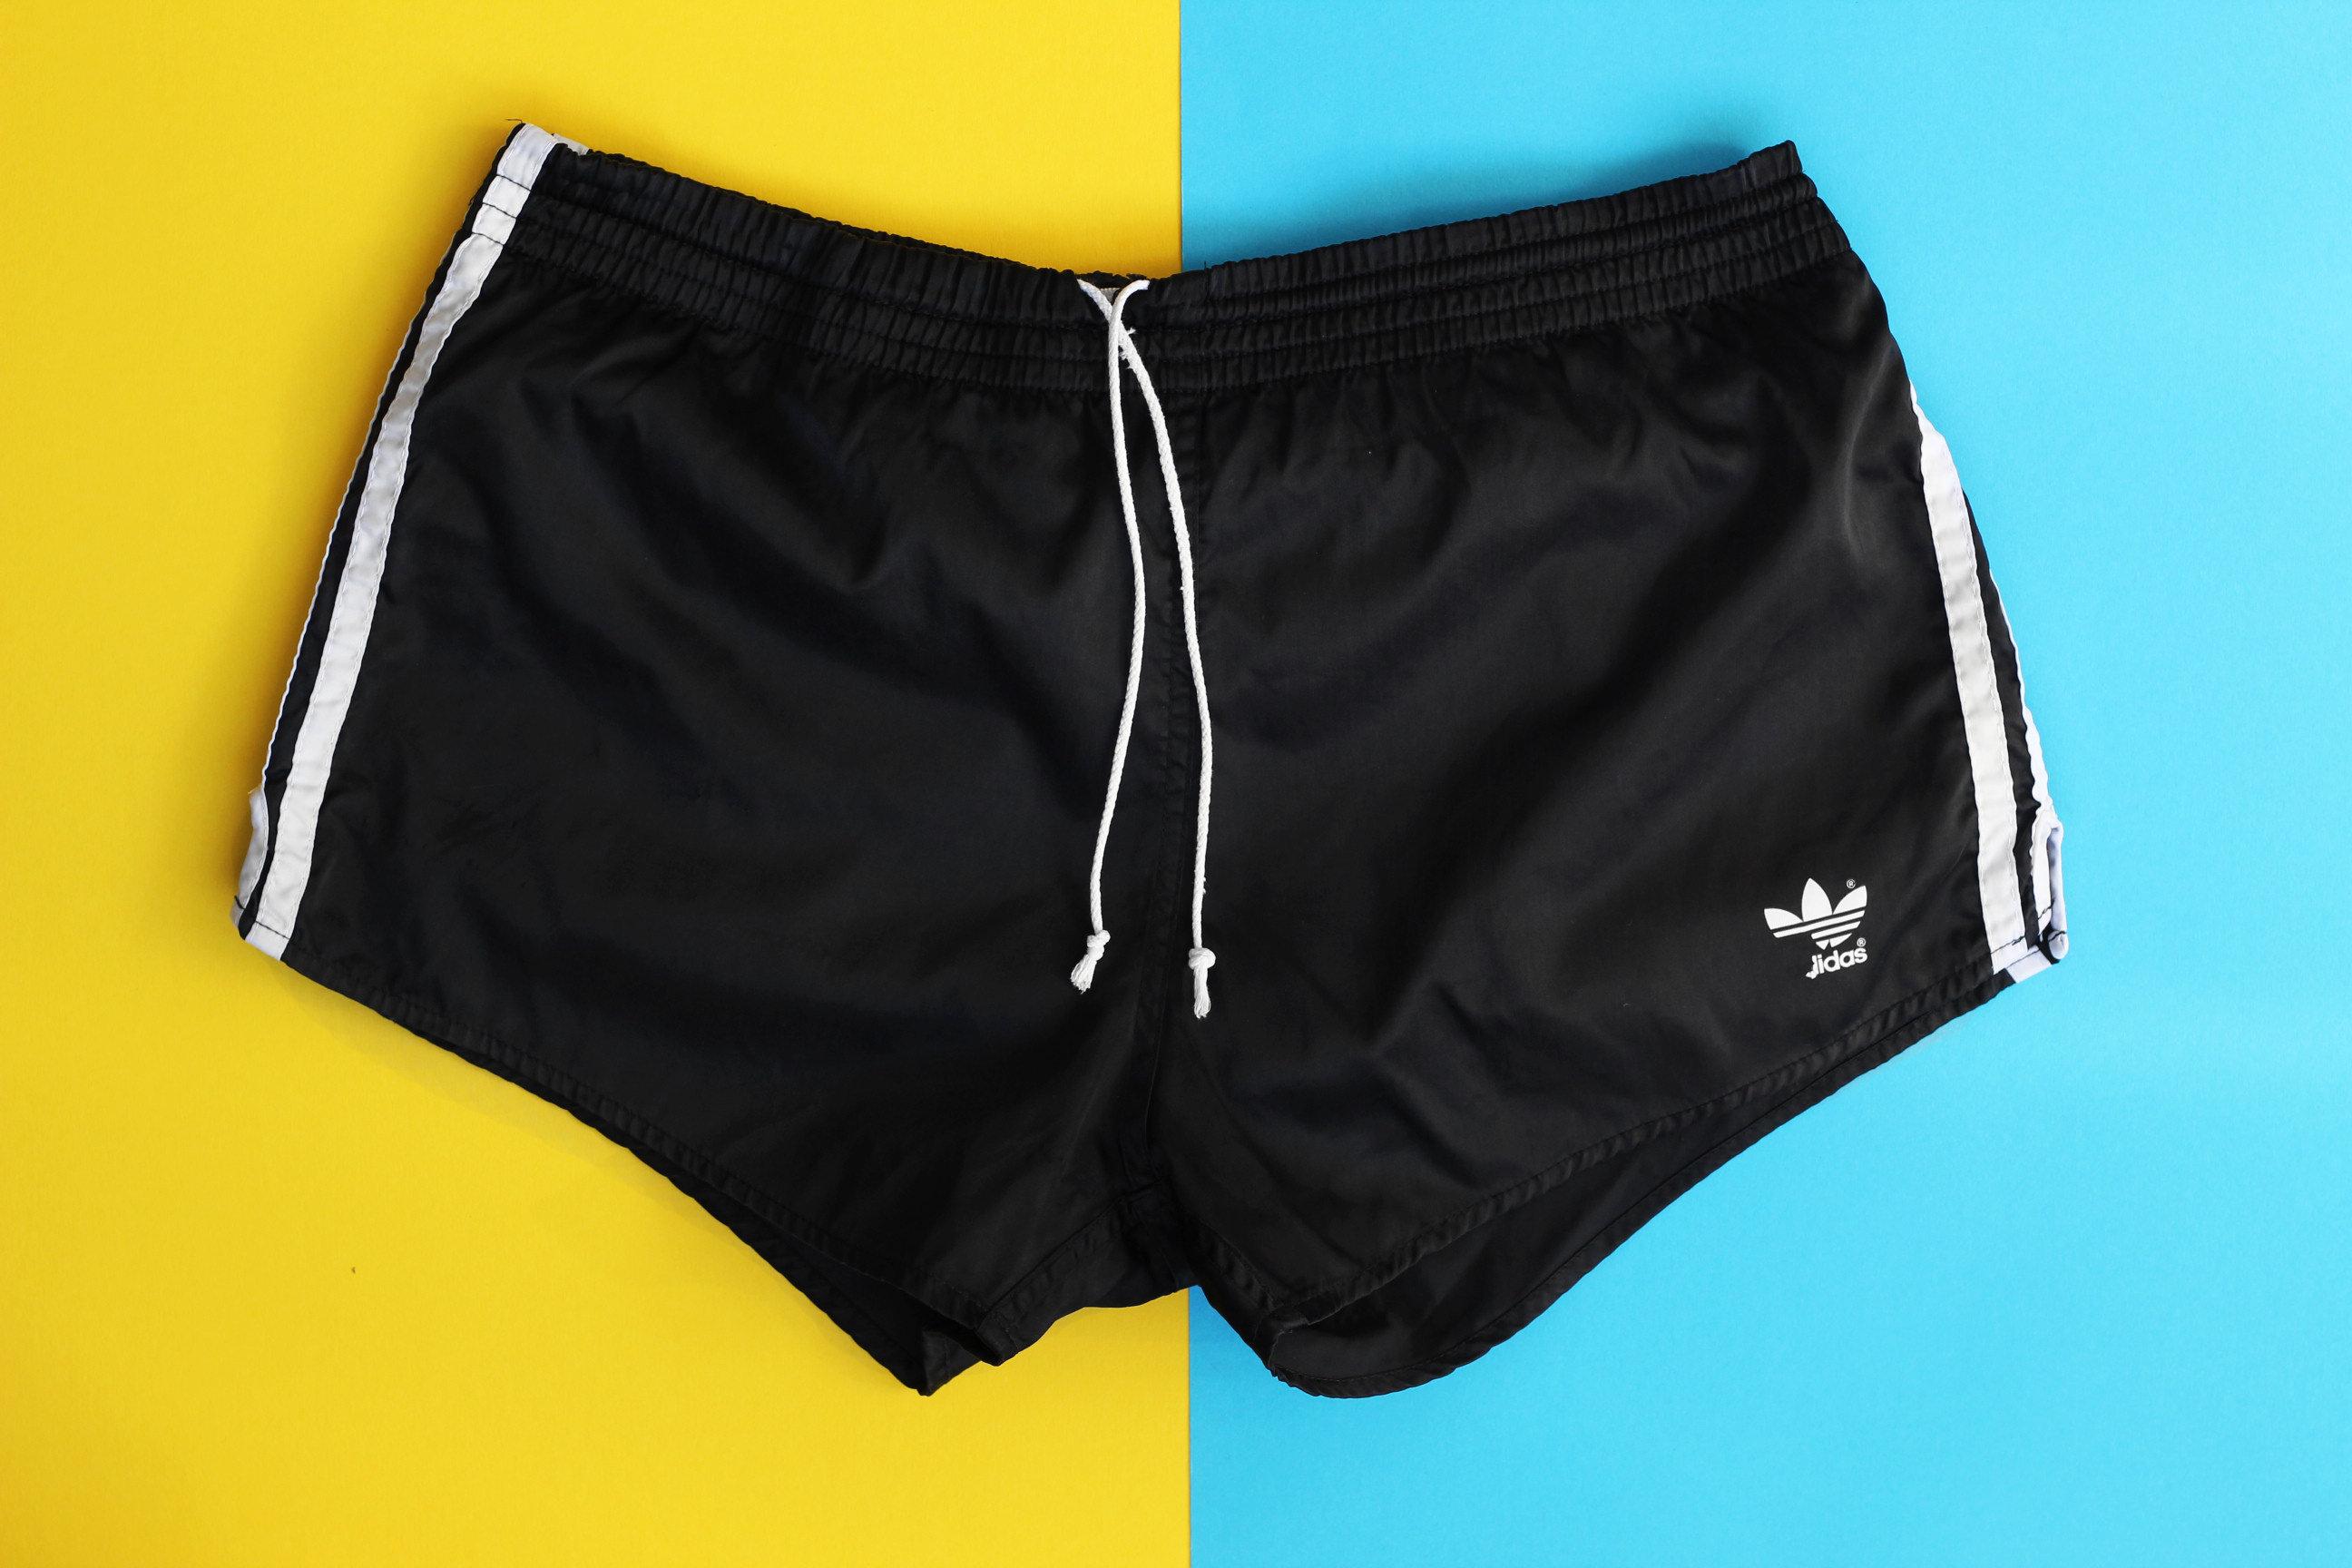 80s Adidas Sports 90s Jogging Nylon Beckenbauer Swim Summer Originals Soccer Vintage Black Running Gym Retro Unisex Workout M Shorts 34 srhQdxtC